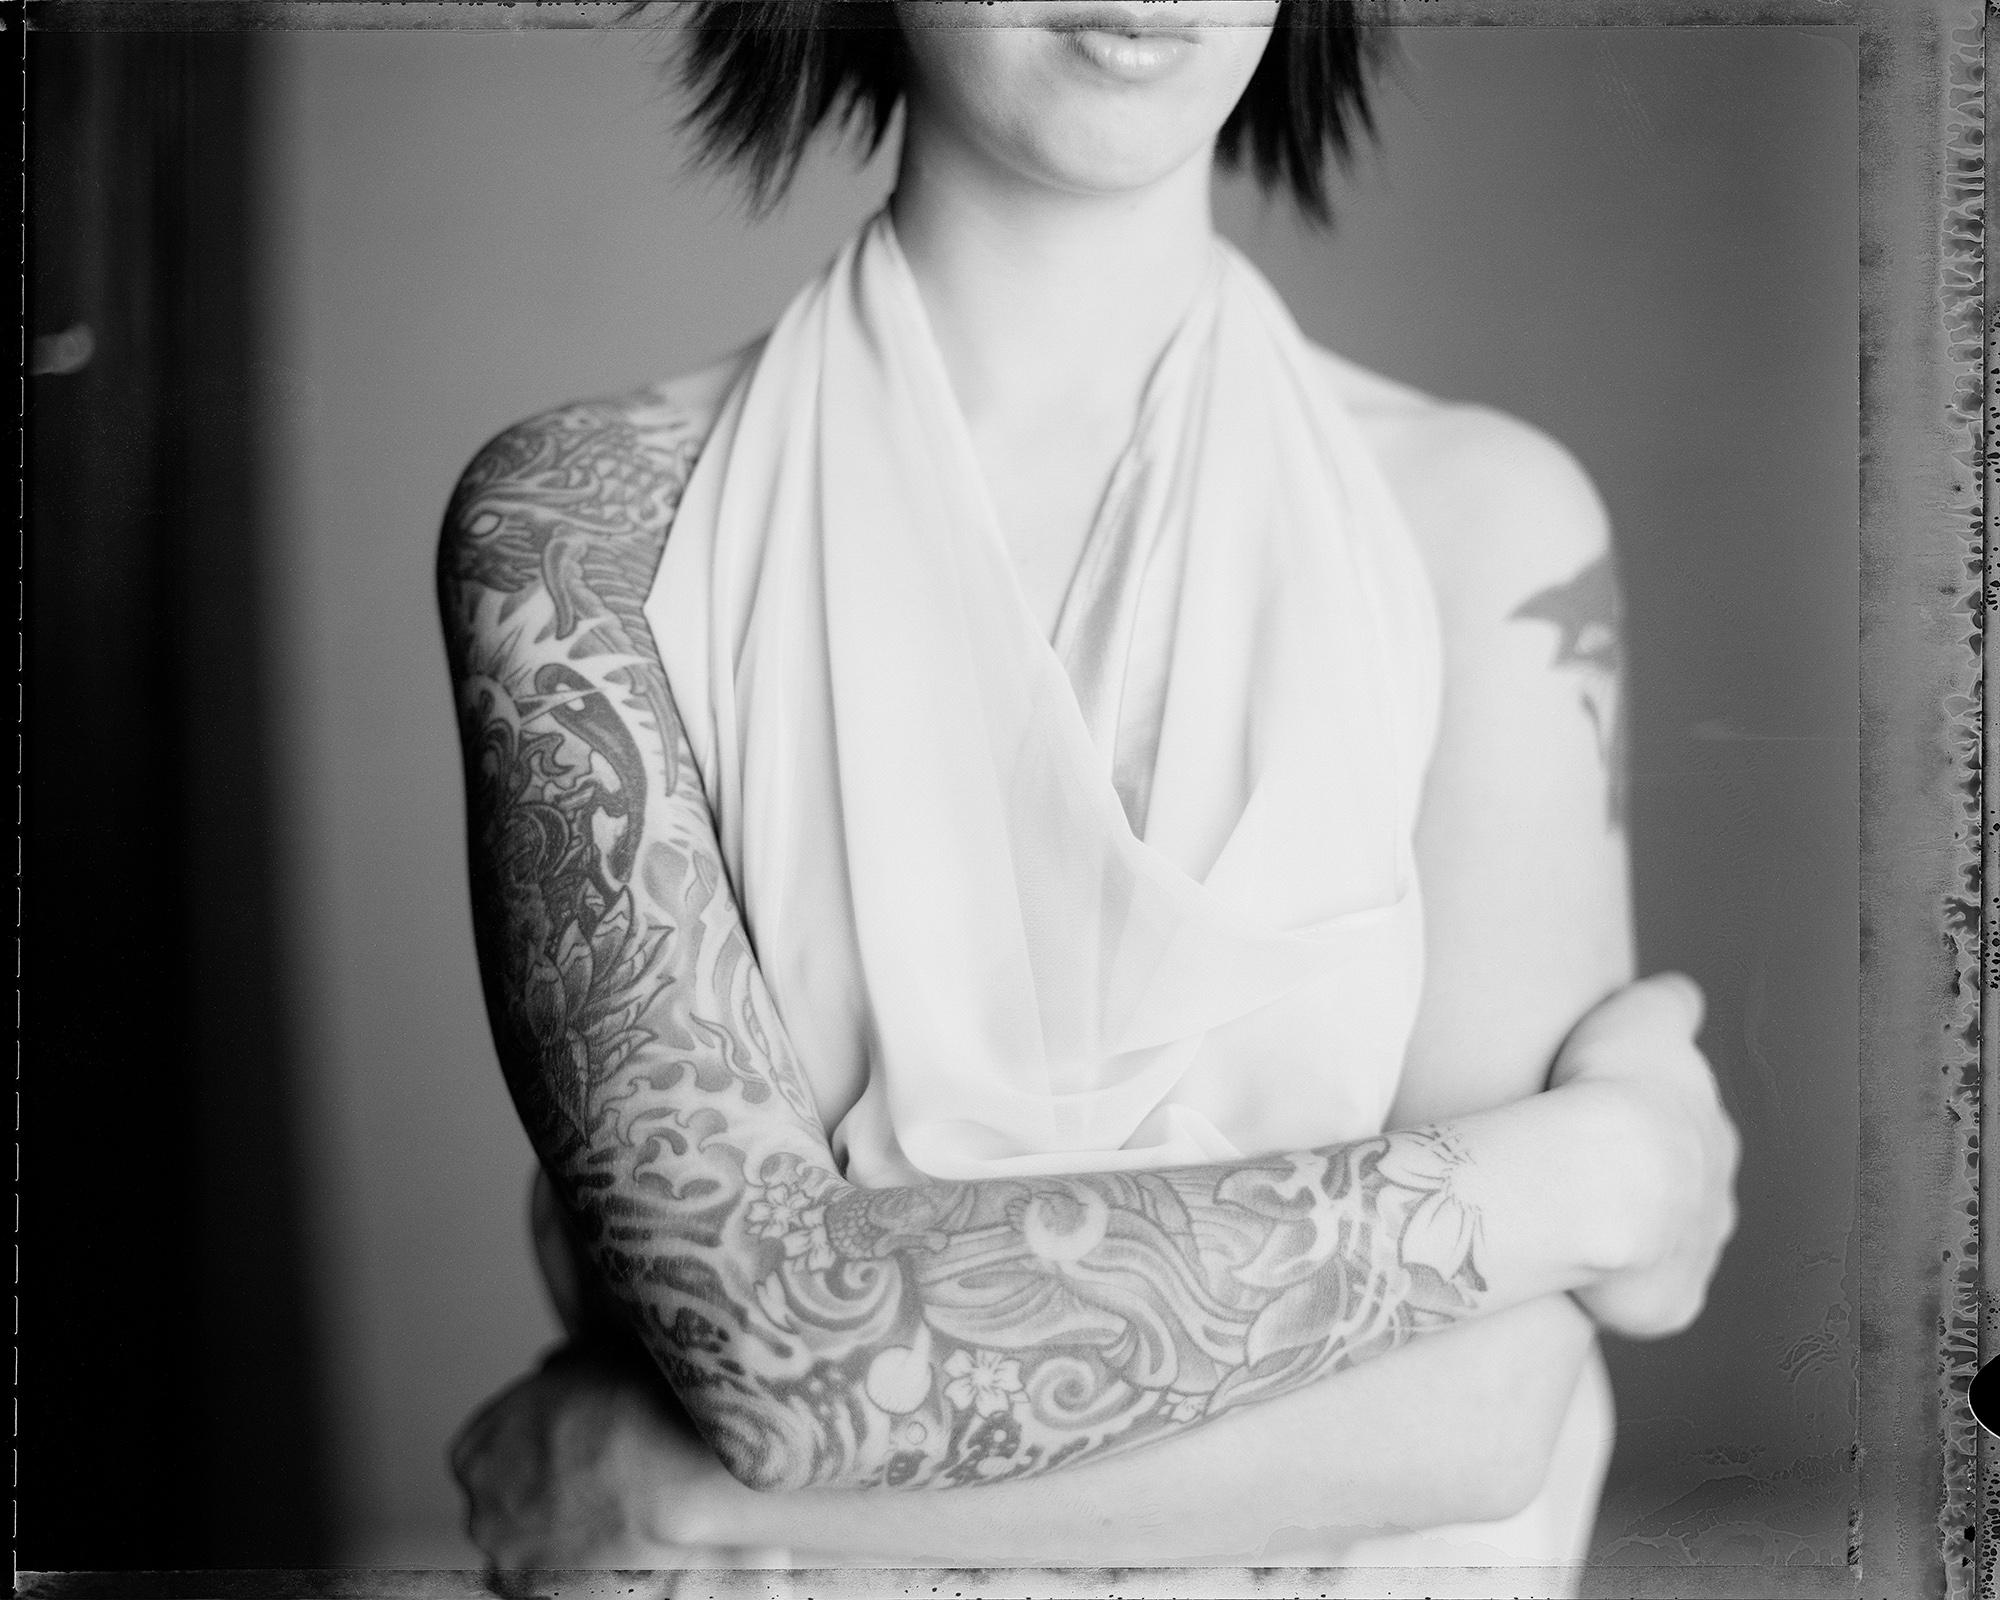 Mya_Mayhem_Tattoos.jpg